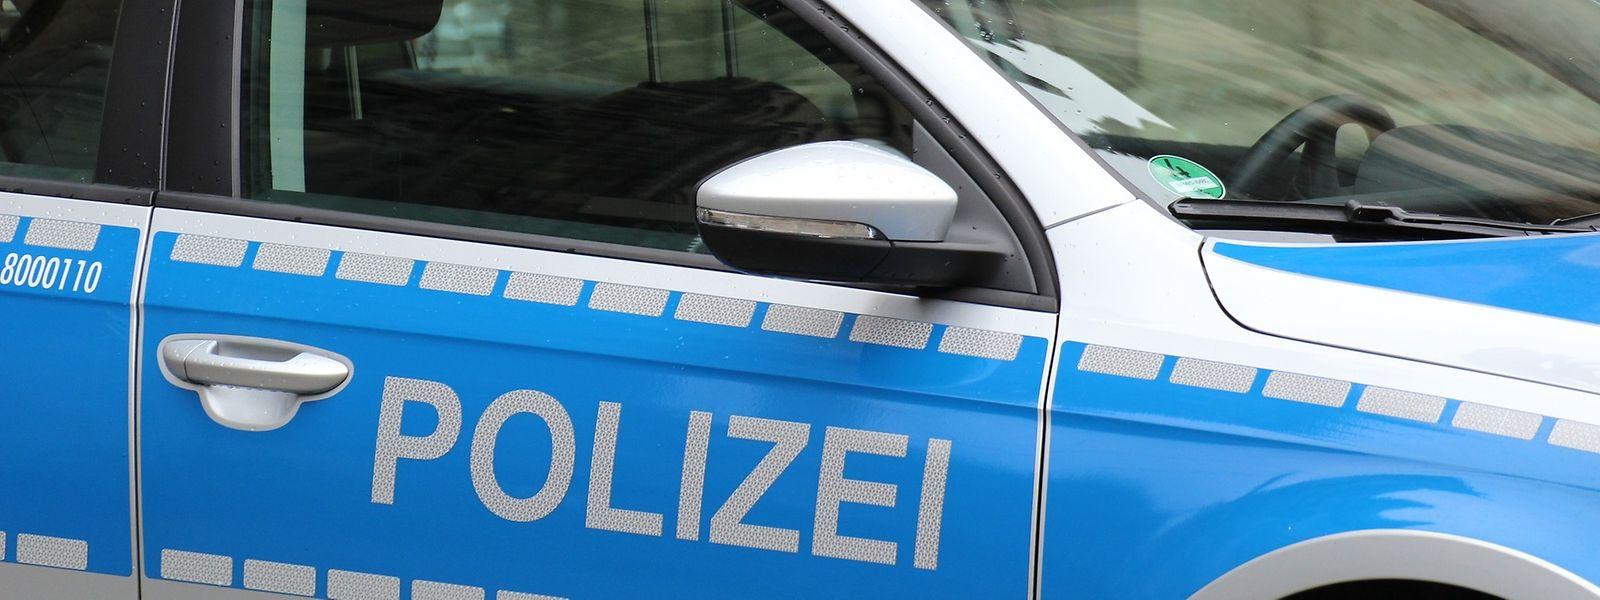 Am Samstagabend kam es in Saarbrücken zu massiven Verstößen gegen Corona-Regeln - Symbolfoto / LW-Archiv